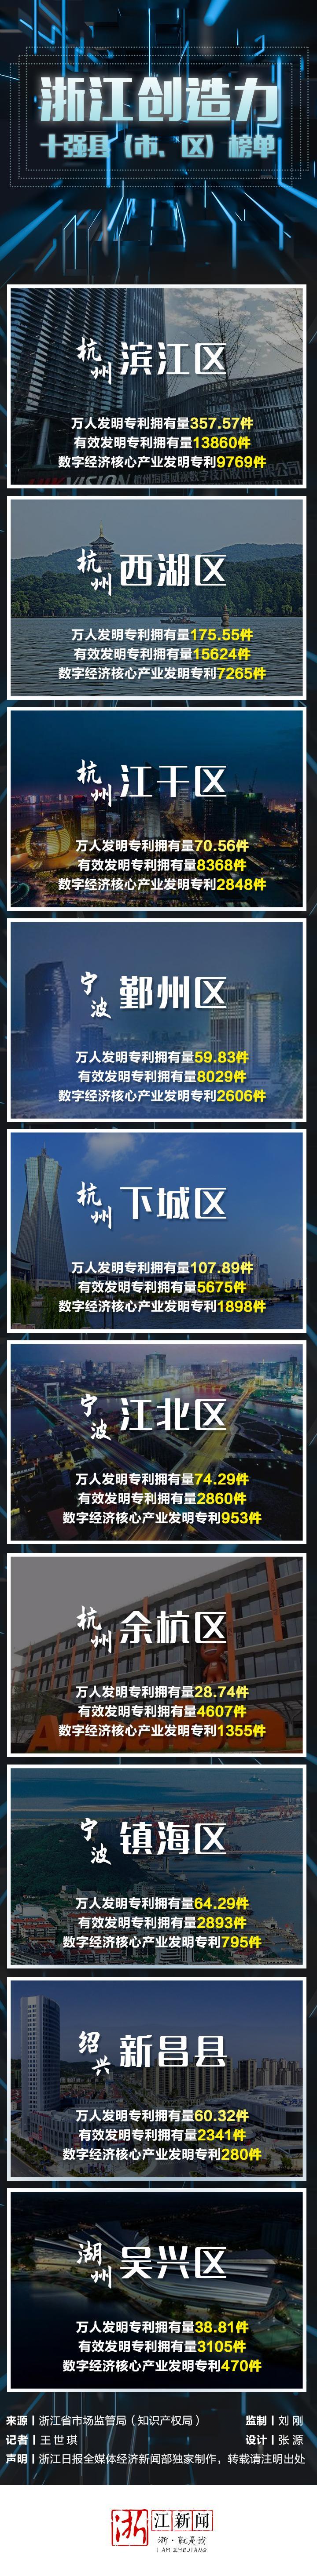 【浙江榜单】2019年度浙江省创造力十强县(市、区)名单